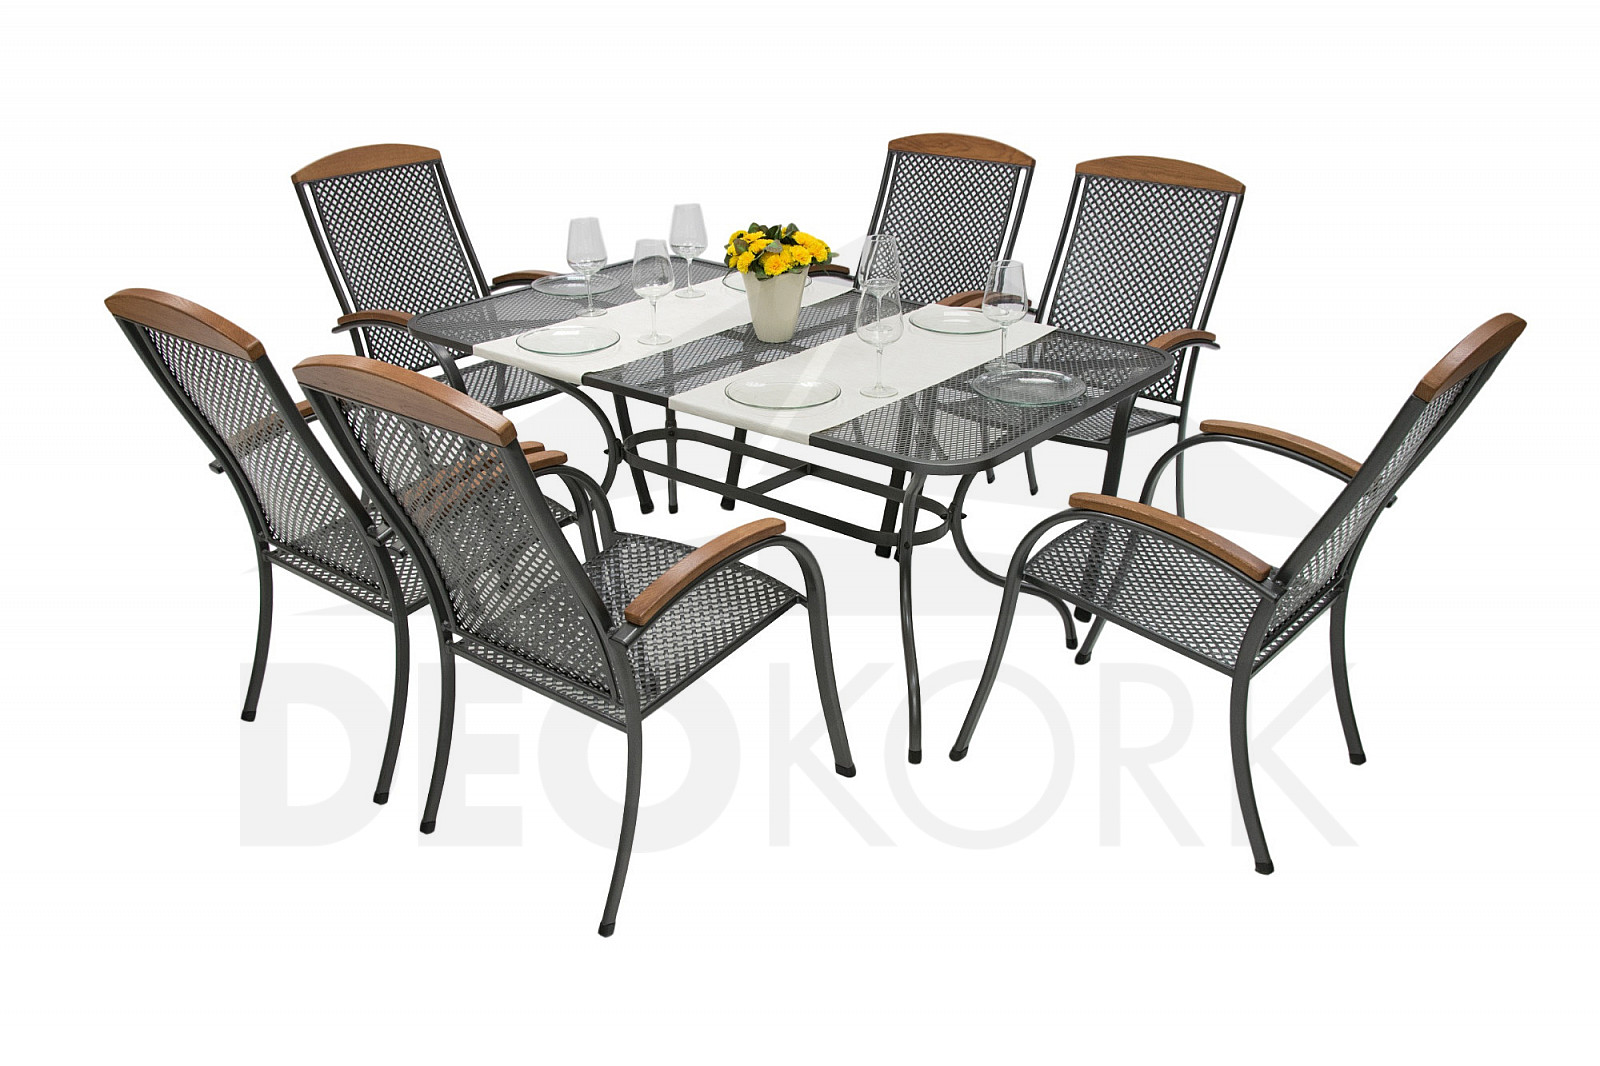 4f94061b3ef5 Záhradný nábytok skladom - kvalitný nábytok zajtra u vás